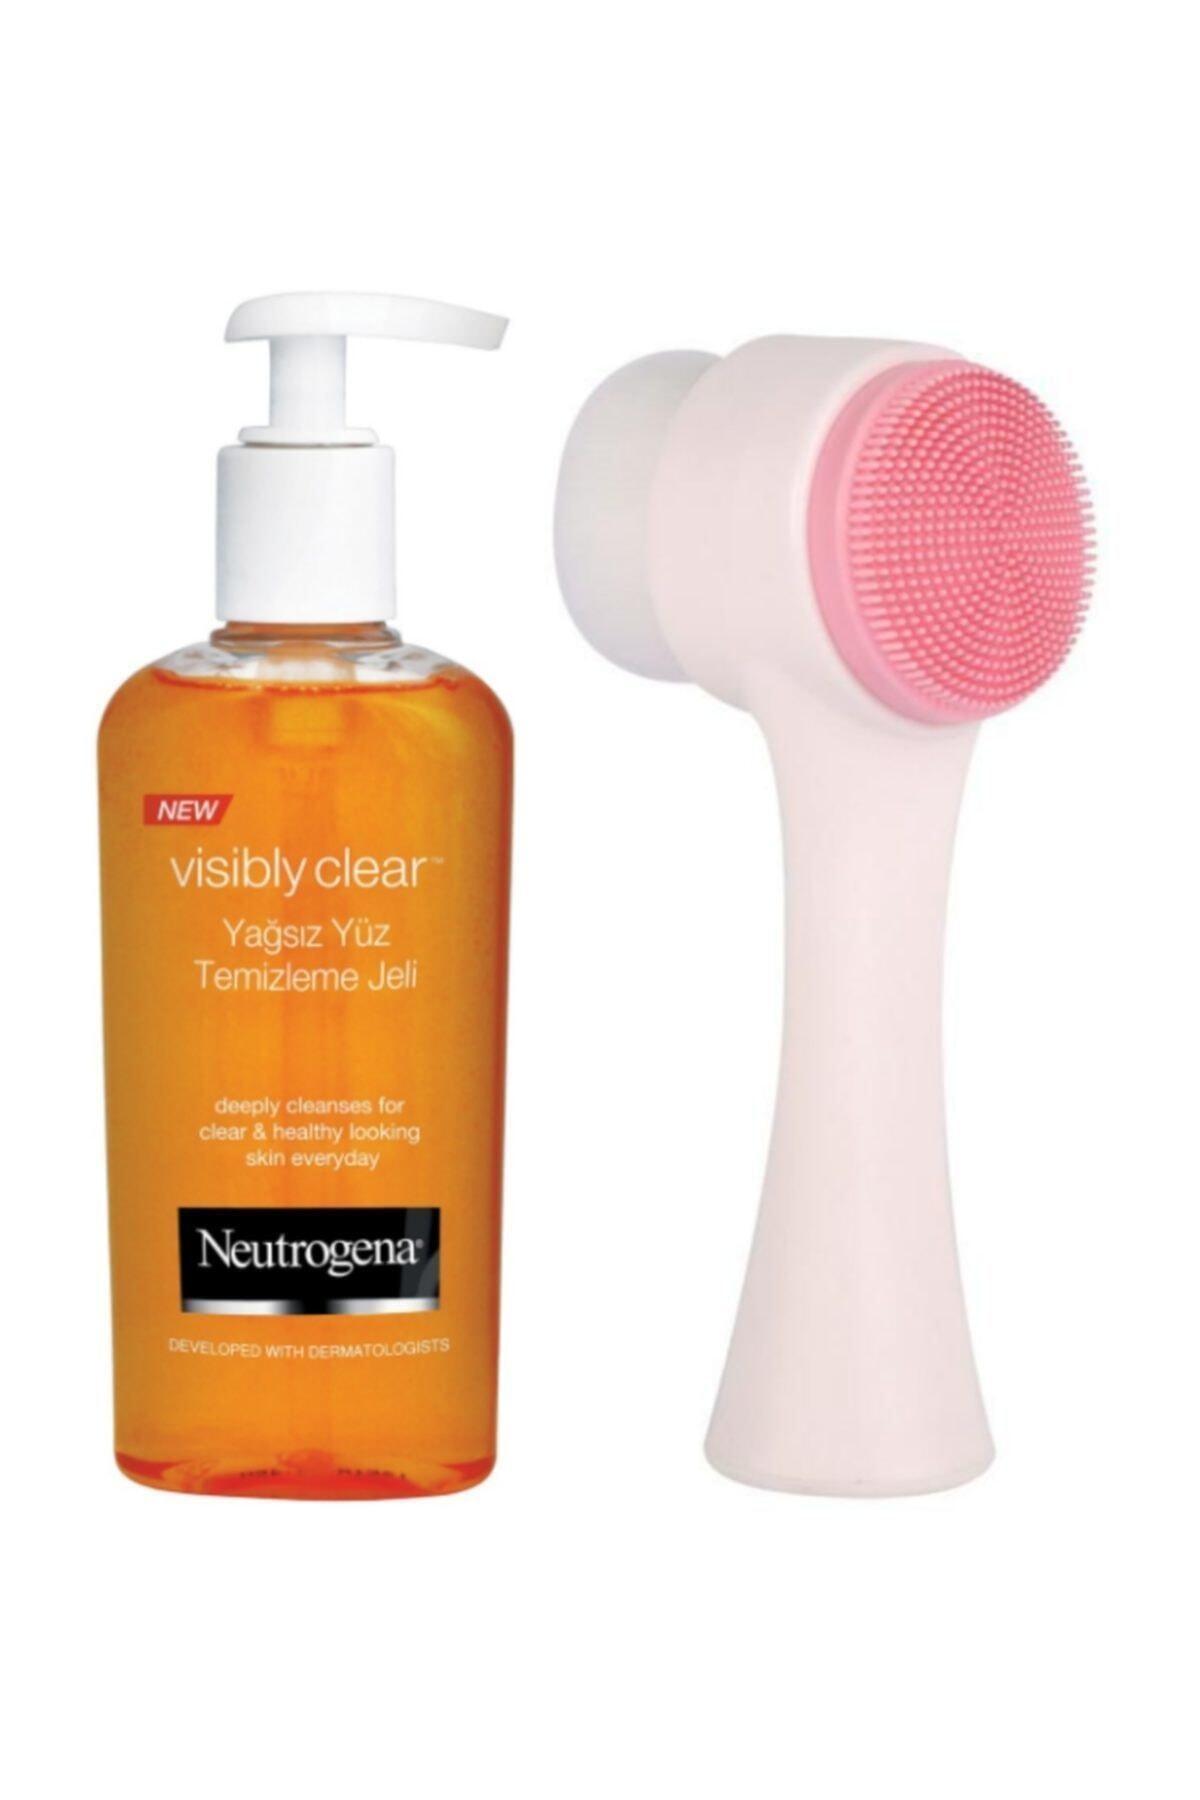 Neutrogena Visibly Clear Sivilce Karşıtı Cilt Temizleme Jeli ve Fluweel Cilt Temizleme Fırçası 1